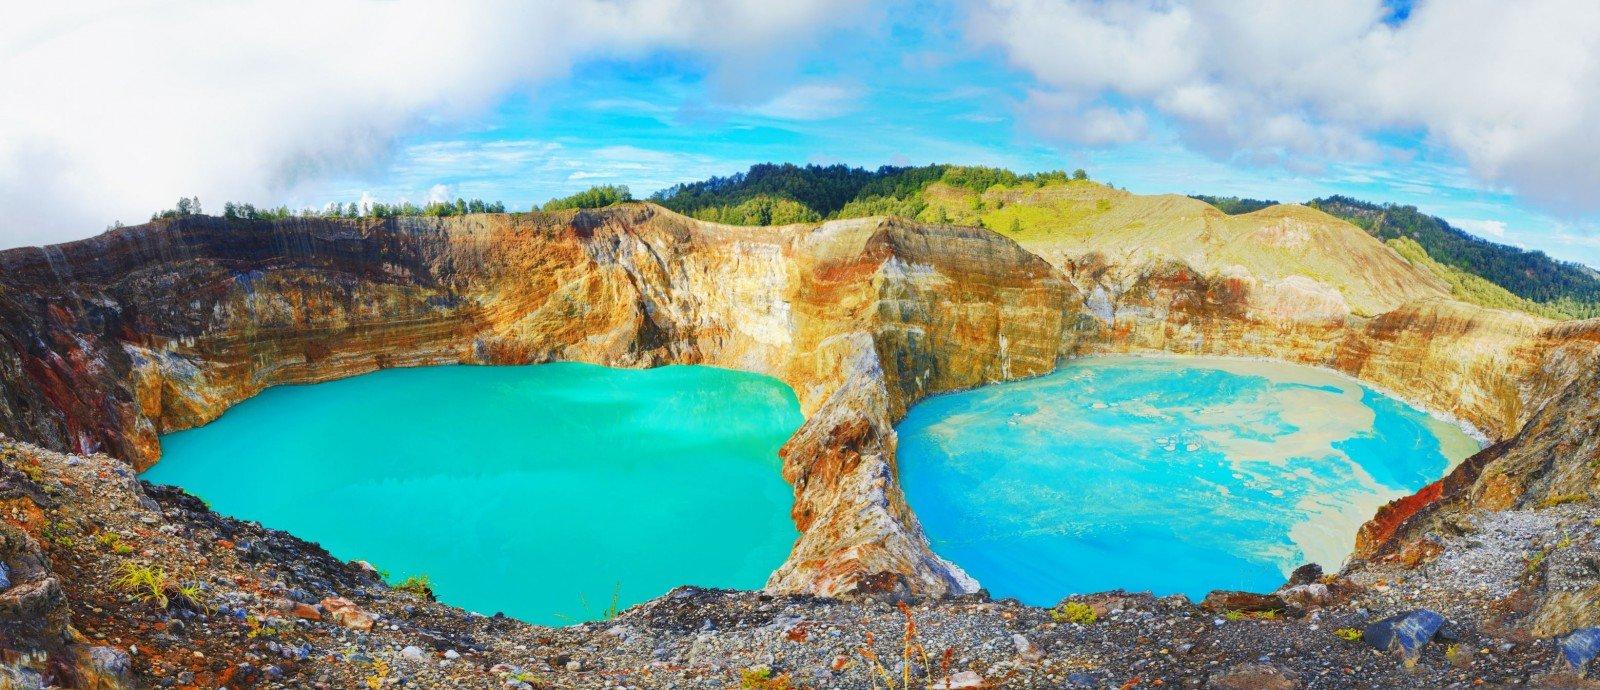 أفضل الجبال البركانية لرياضة التسلق في إندونيسيا